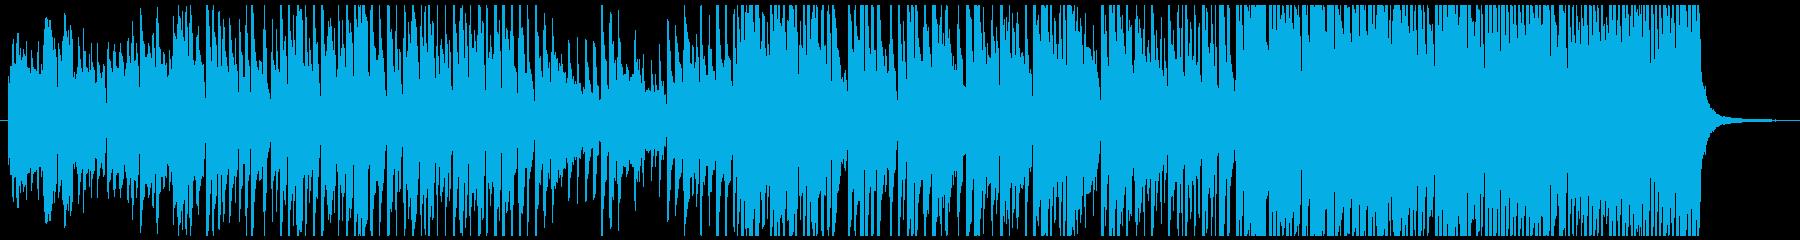 ピアノメロのノリのいい曲です!の再生済みの波形